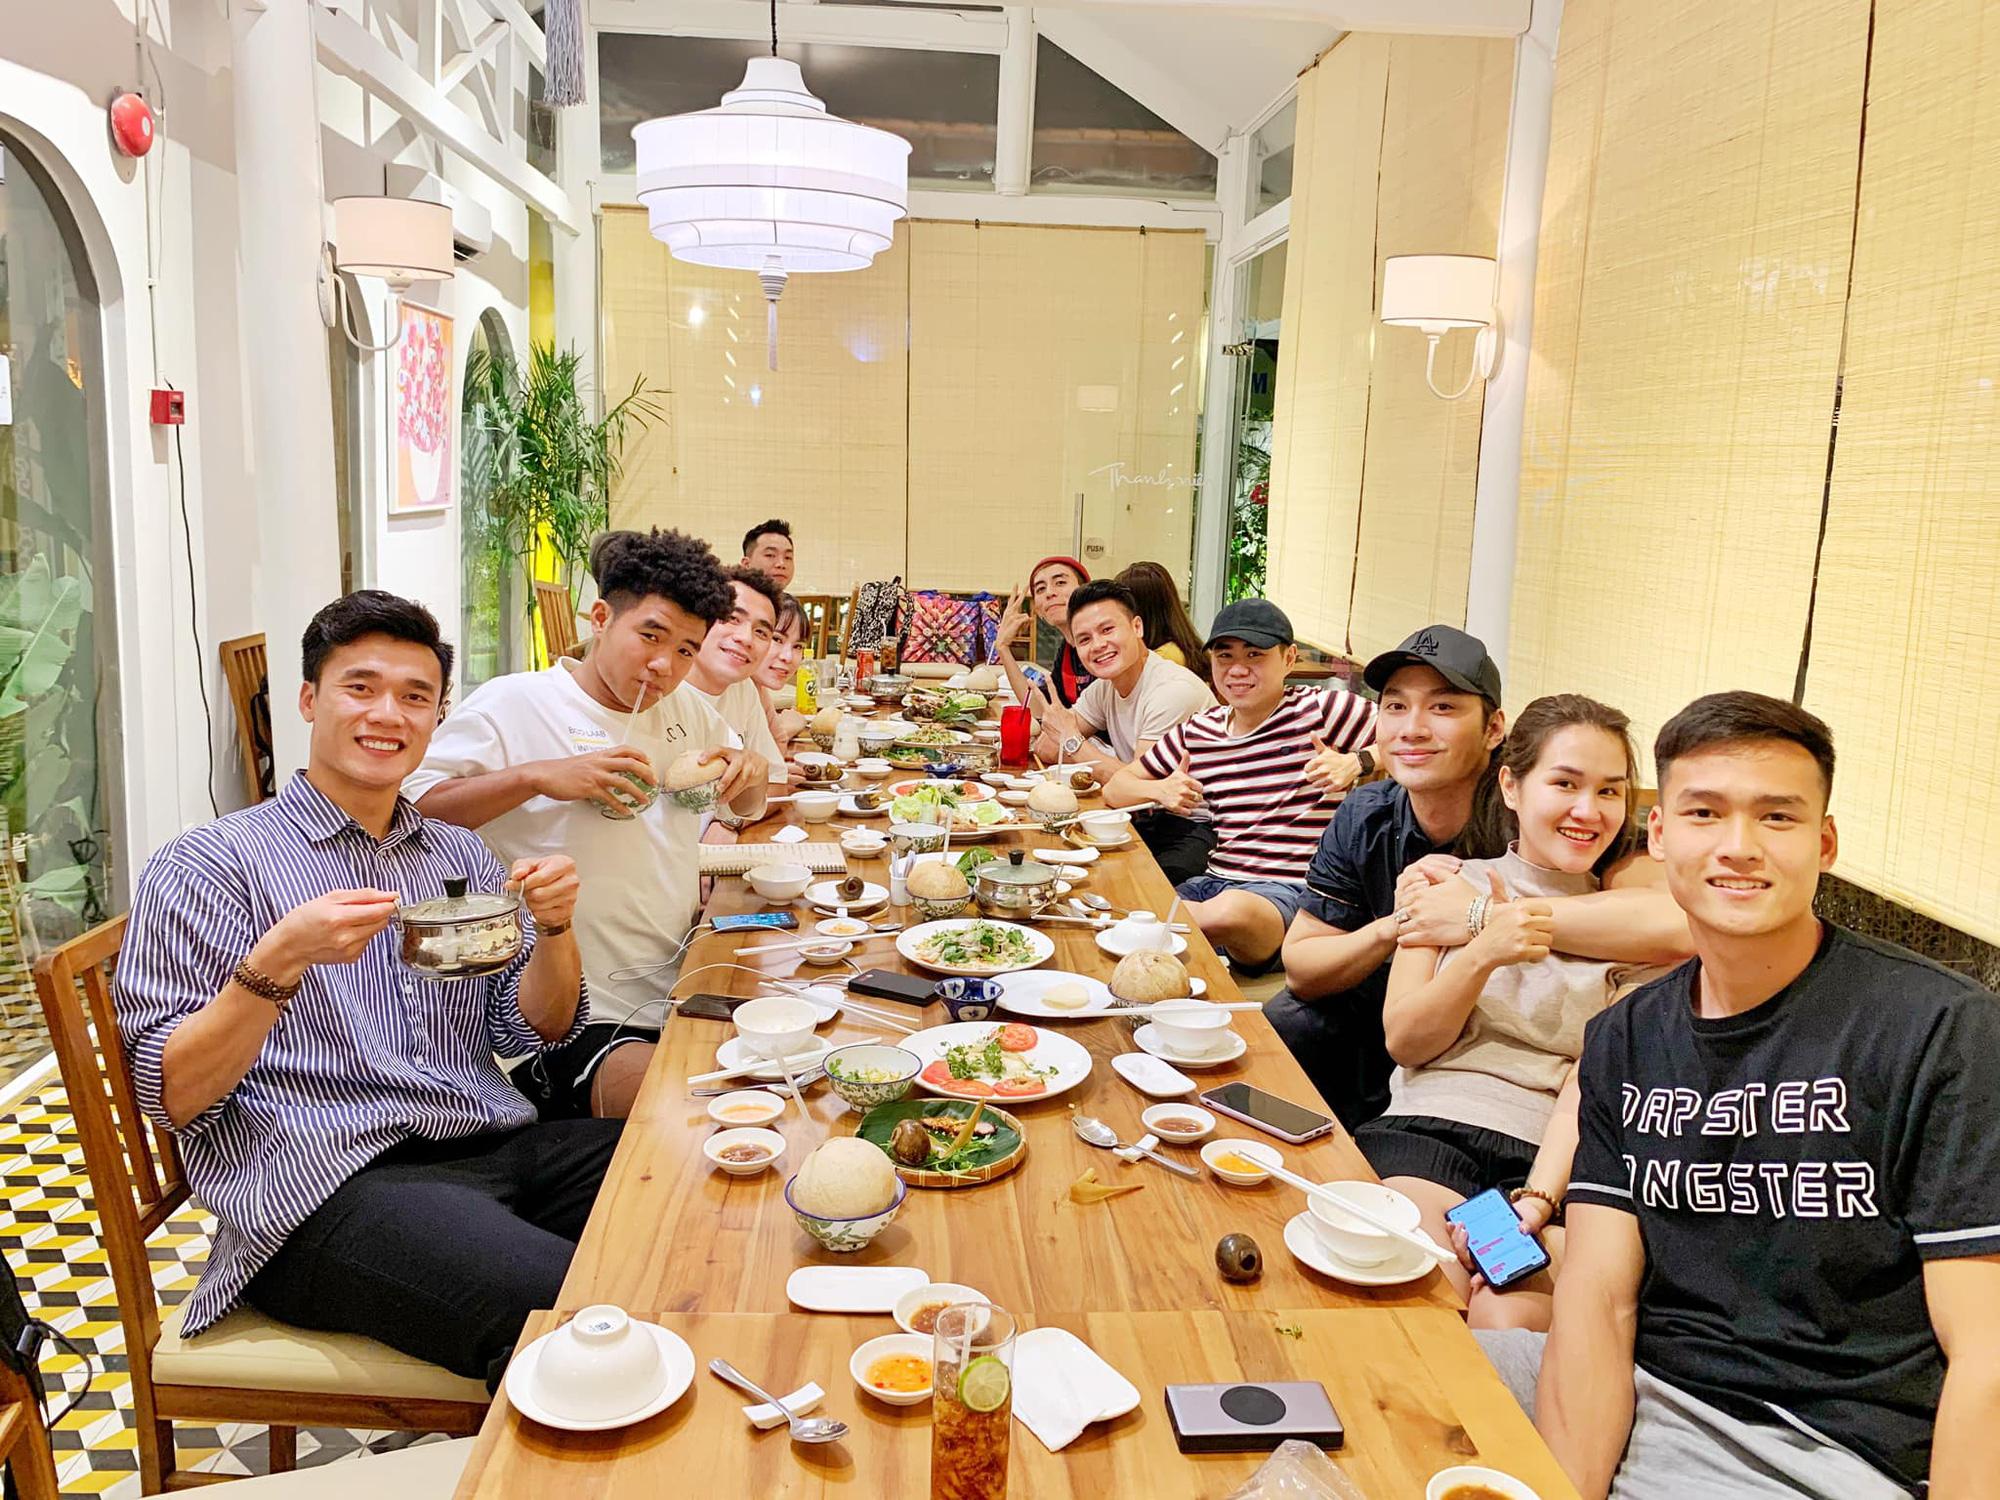 Người anh của Quang Hải trong tin nhắn hacker tiết lộ: Thường xuyên xuất hiện tại nhiều cuộc vui, bữa tiệc của cầu thủ nổi tiếng - Ảnh 3.